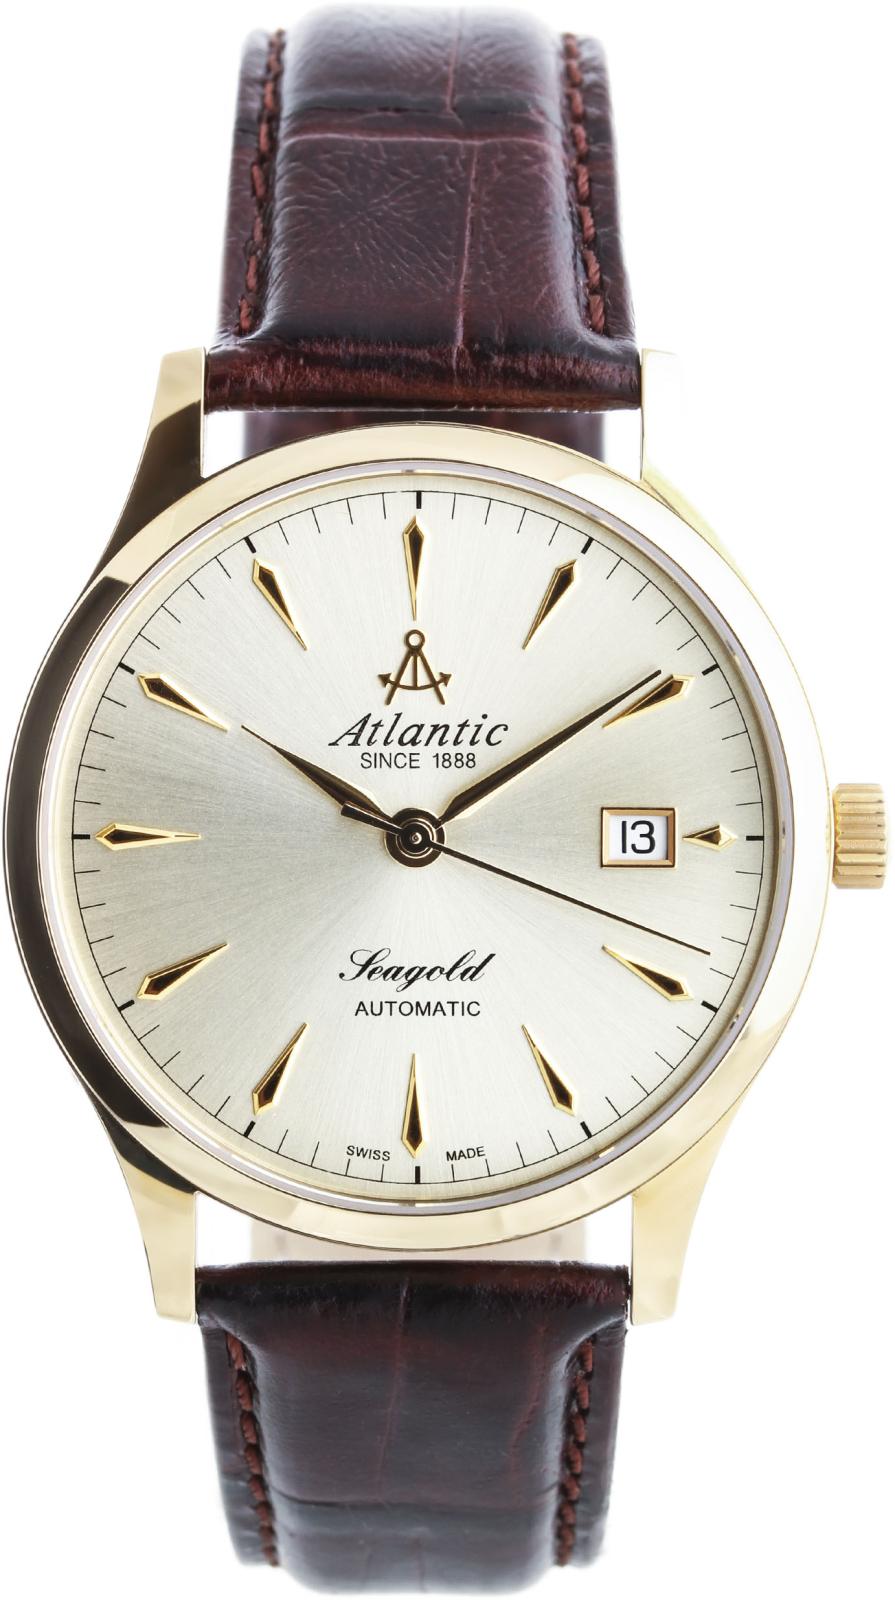 Atlantic Seagold 95743.65.31Наручные часы<br>Швейцарские часы Atlantic Seagold 95743.65.31<br><br>Пол: Мужские<br>Страна-производитель: Швейцария<br>Механизм: Механический<br>Материал корпуса: Желтое золото 18К<br>Материал ремня/браслета: Кожа<br>Водозащита, диапазон: 20 - 100 м<br>Стекло: Сапфировое<br>Толщина корпуса: None<br>Стиль: Классика